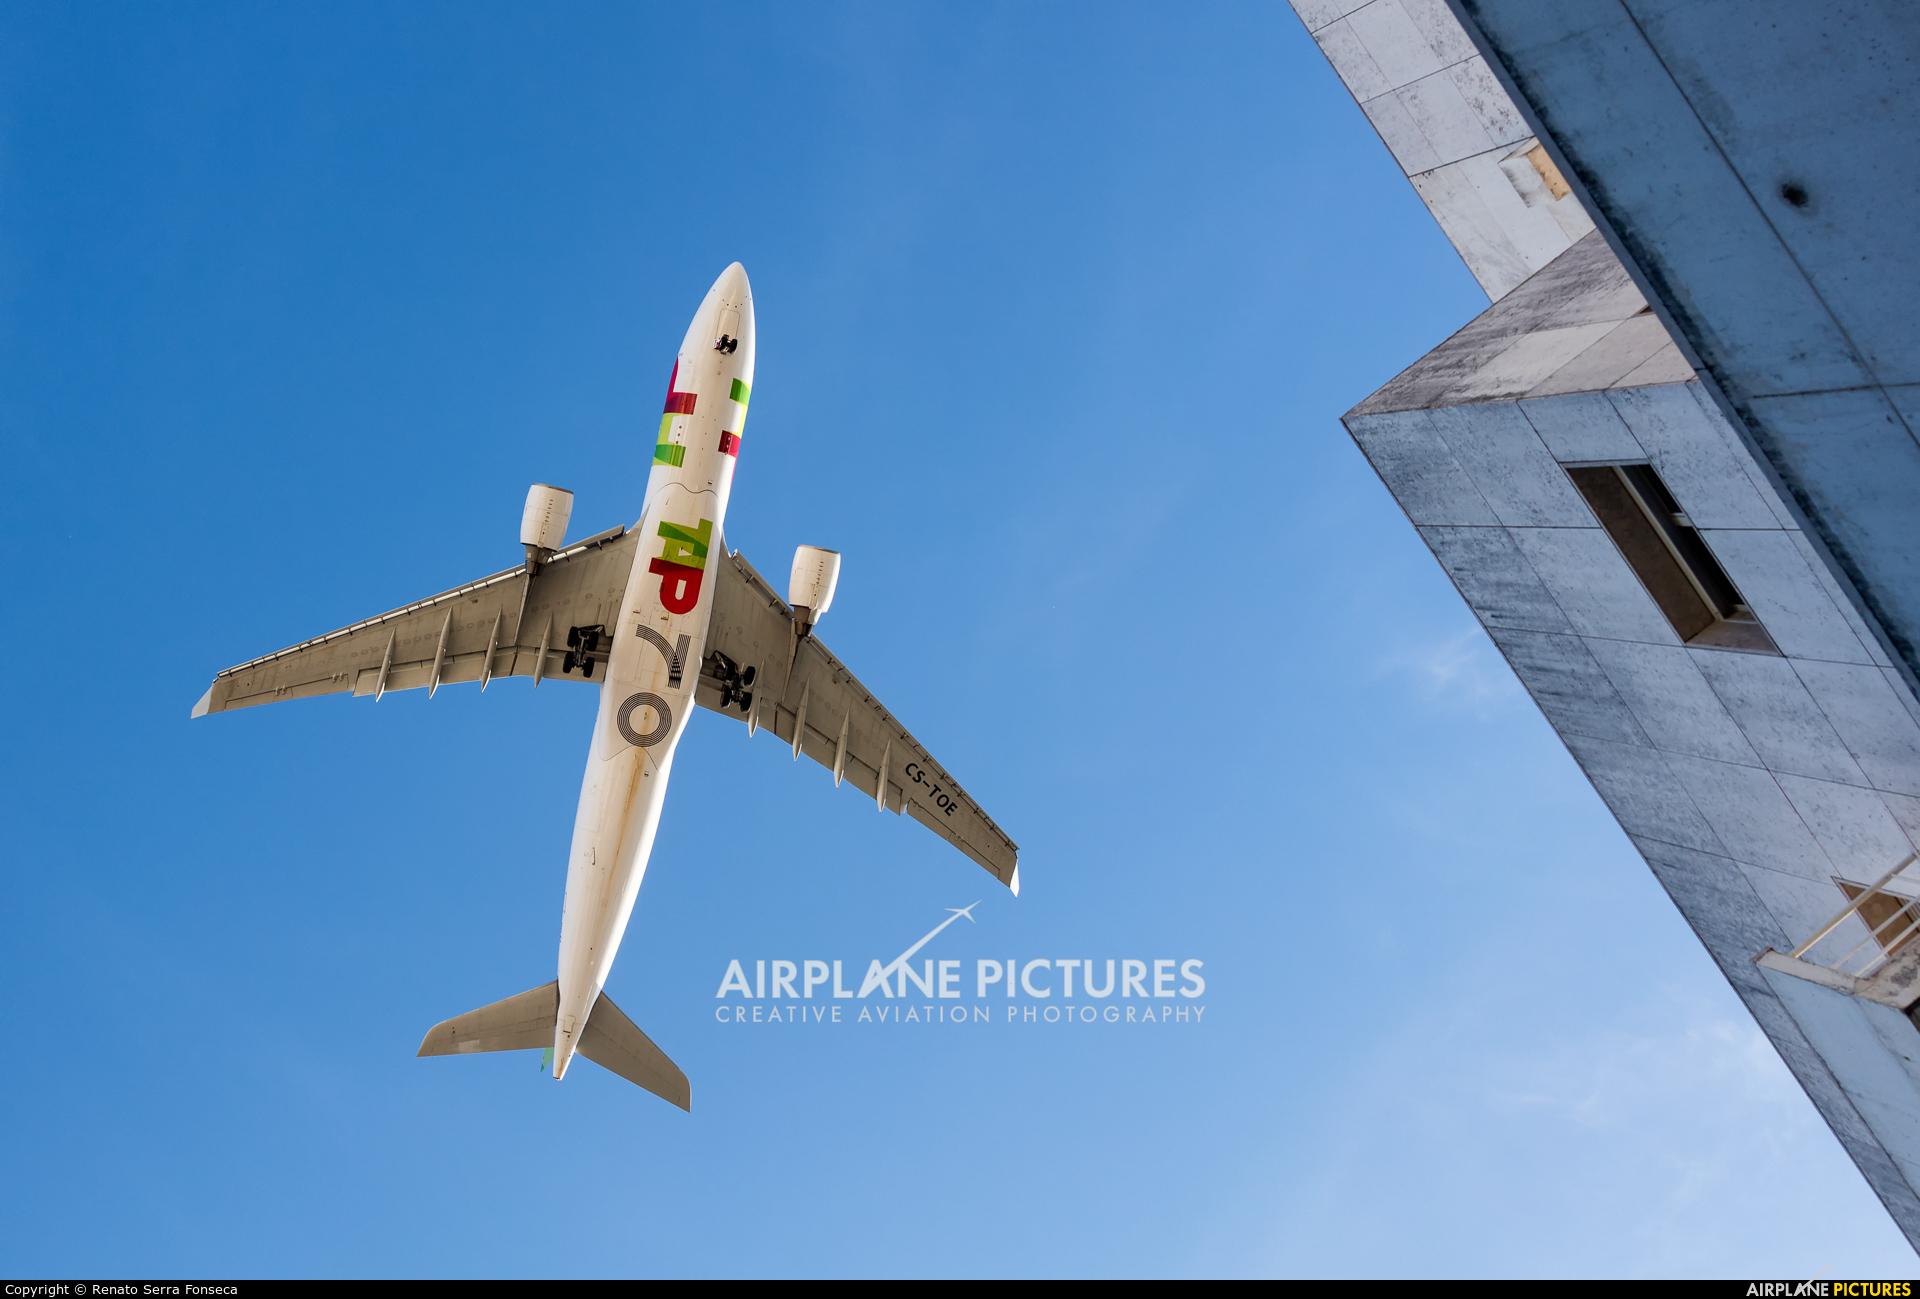 TAP Portugal CS-TOE aircraft at Lisbon